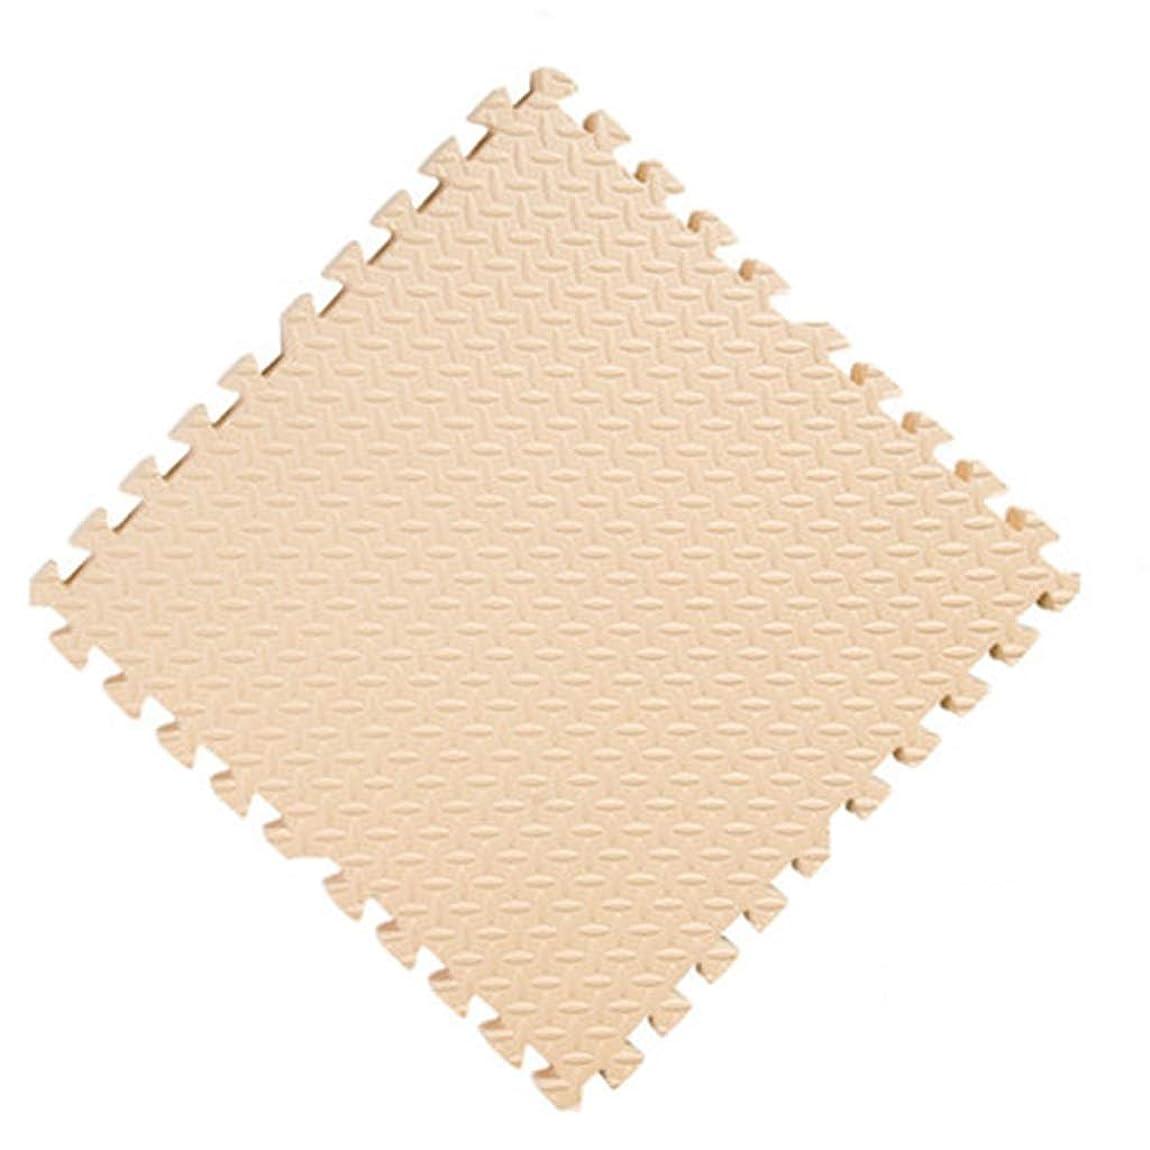 シロクマレースめまいRBZCCP 肥厚クロールマット環境に優しい無味泡フロアマットリビングルームホーム (Color : Beige, Size : L)